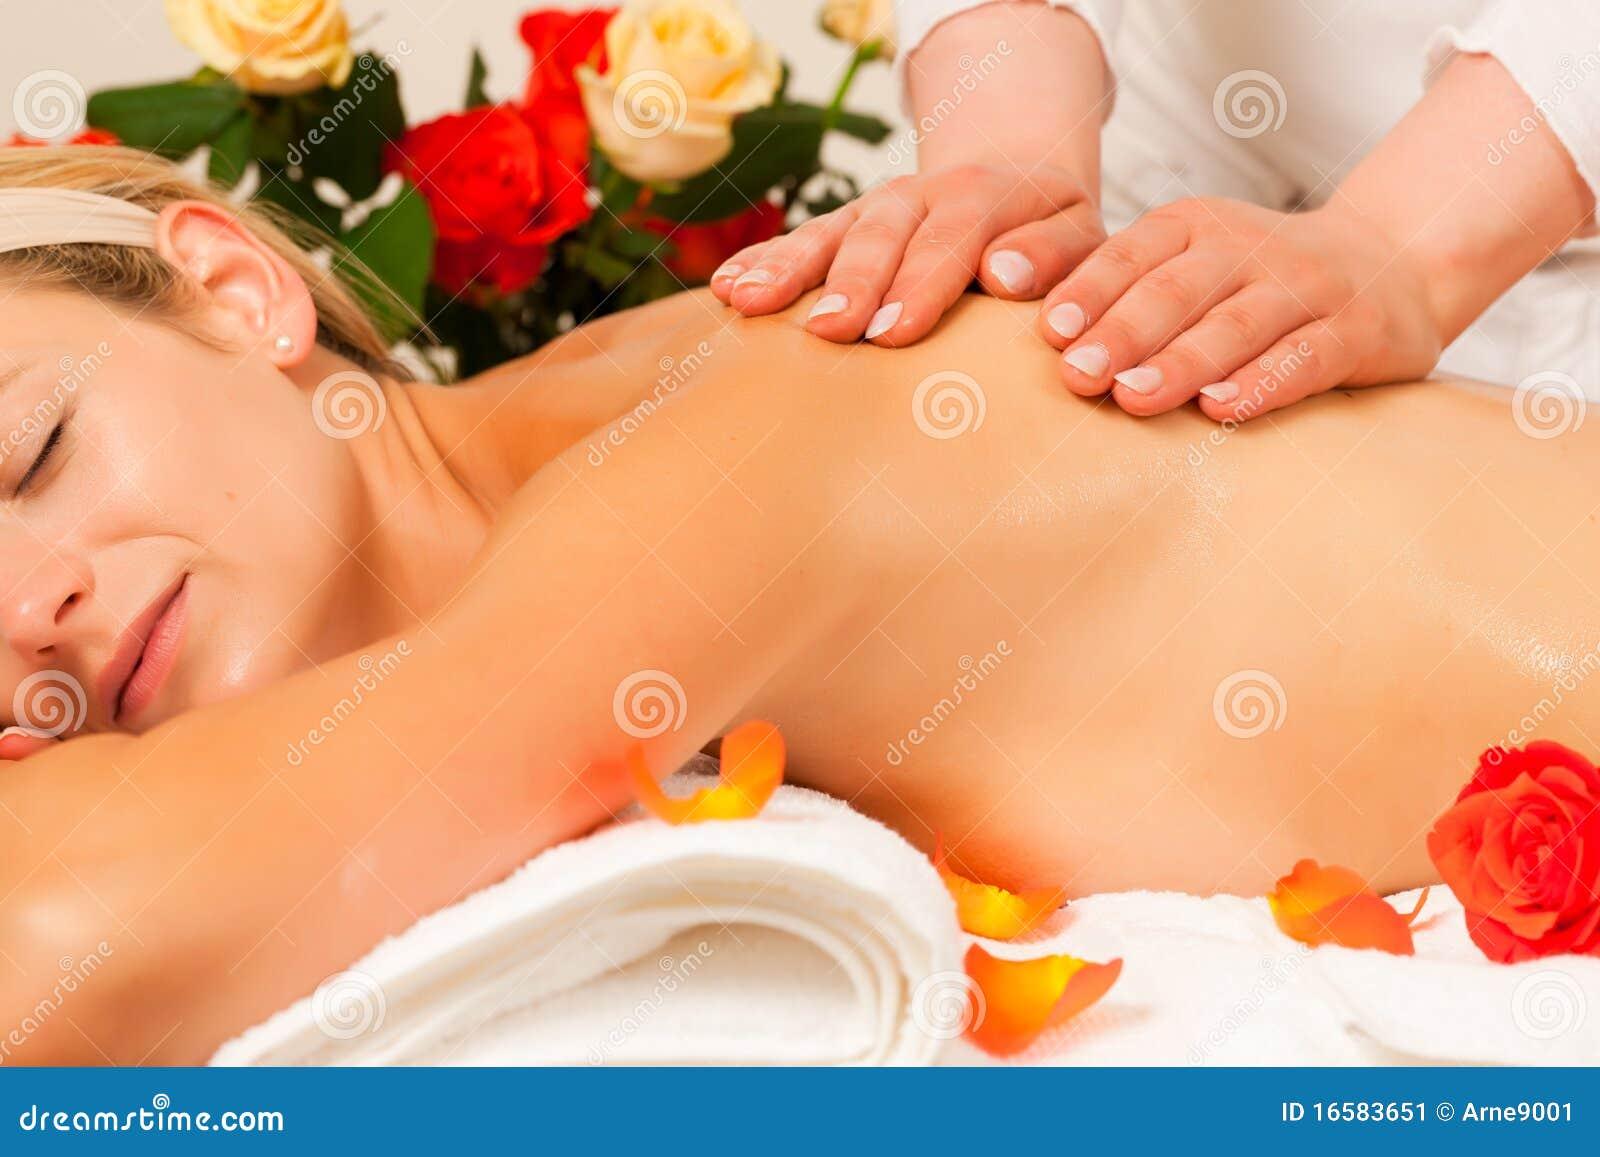 Развлечения взрослых массаж 23 фотография